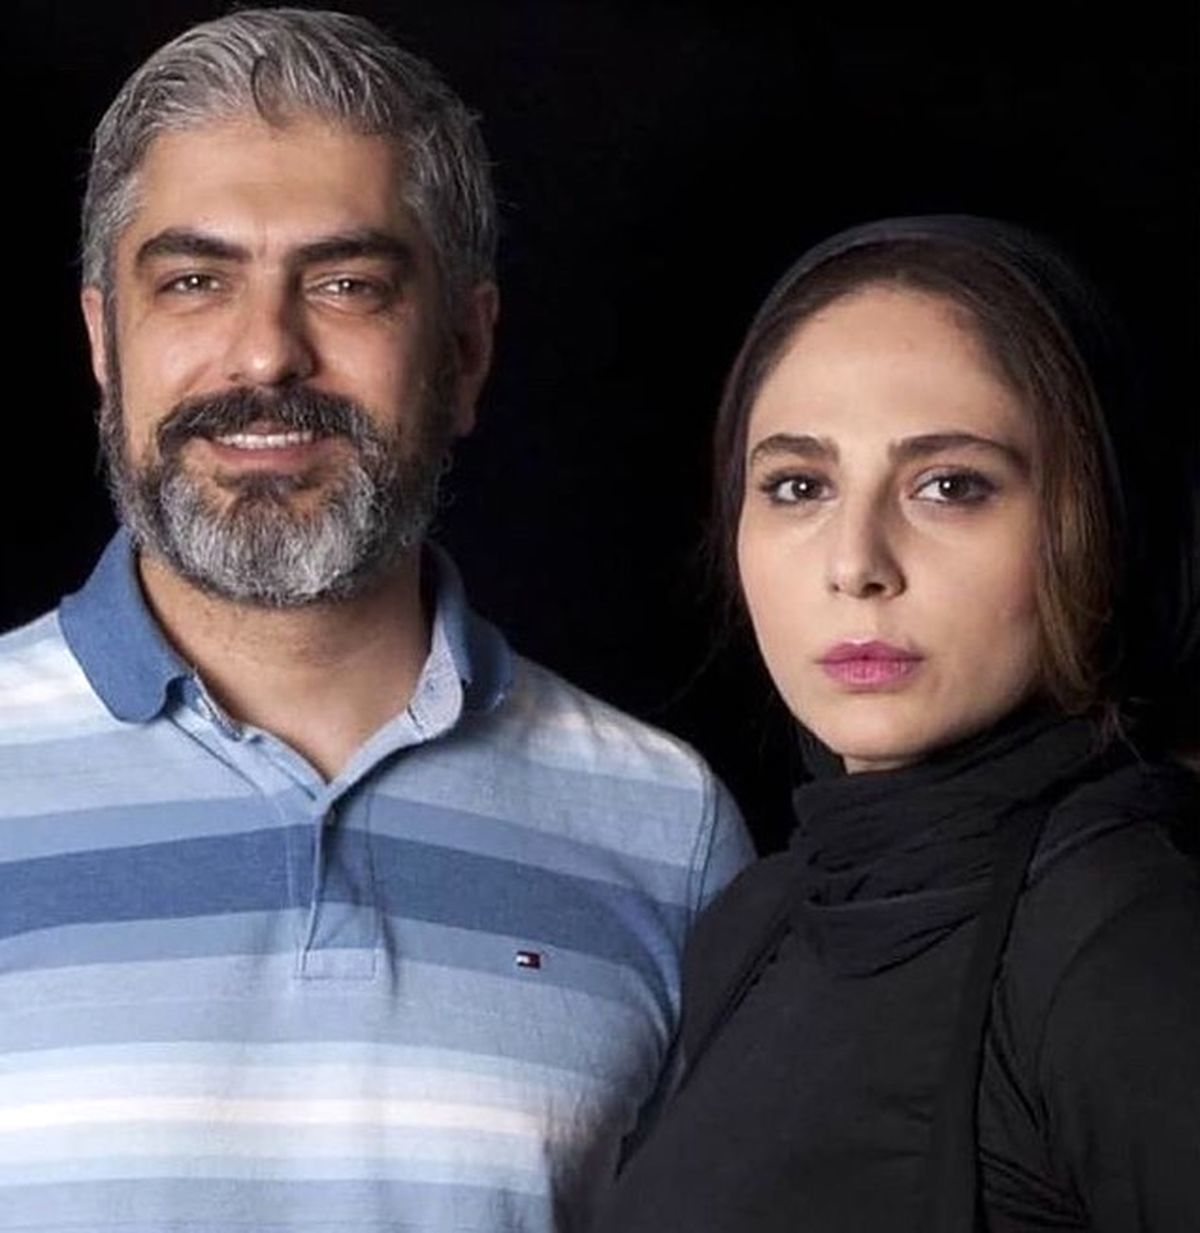 عکس دیده نشده از همسر دوم مهدی پاکدل در آغوش پدرش + عکس